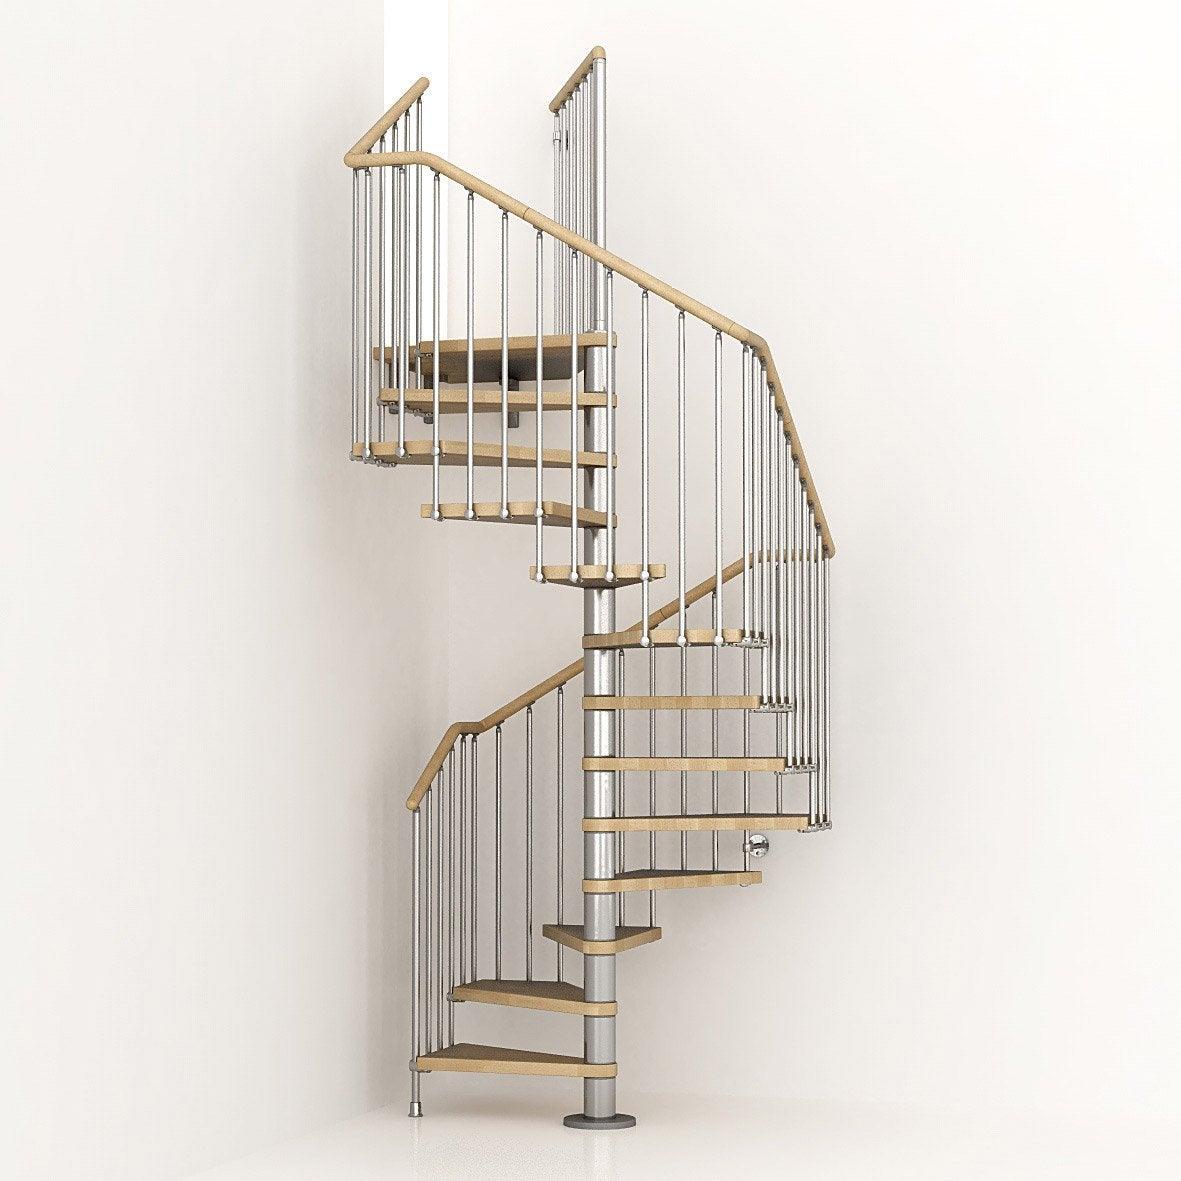 Extrêmement Escalier colimaçon carré Cube structure métal marche bois | Leroy  BT23